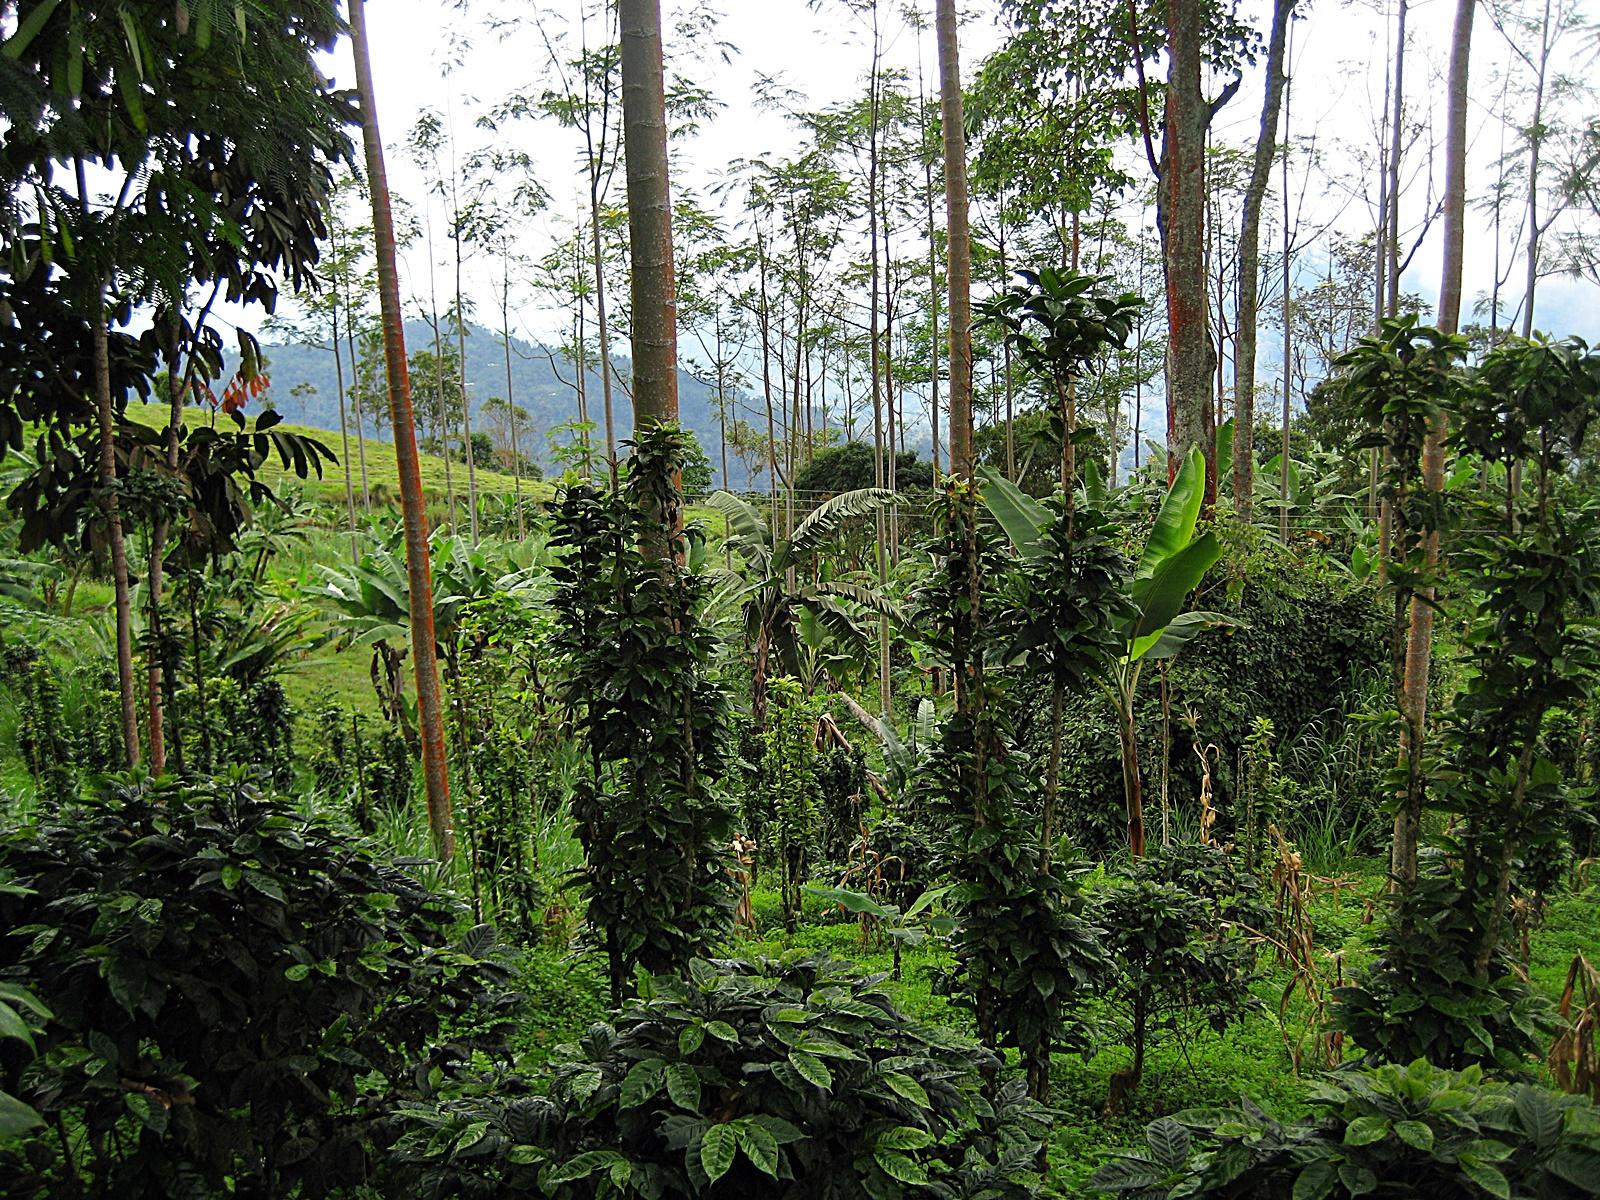 콜롬비아 농장의 그늘 재배 커피